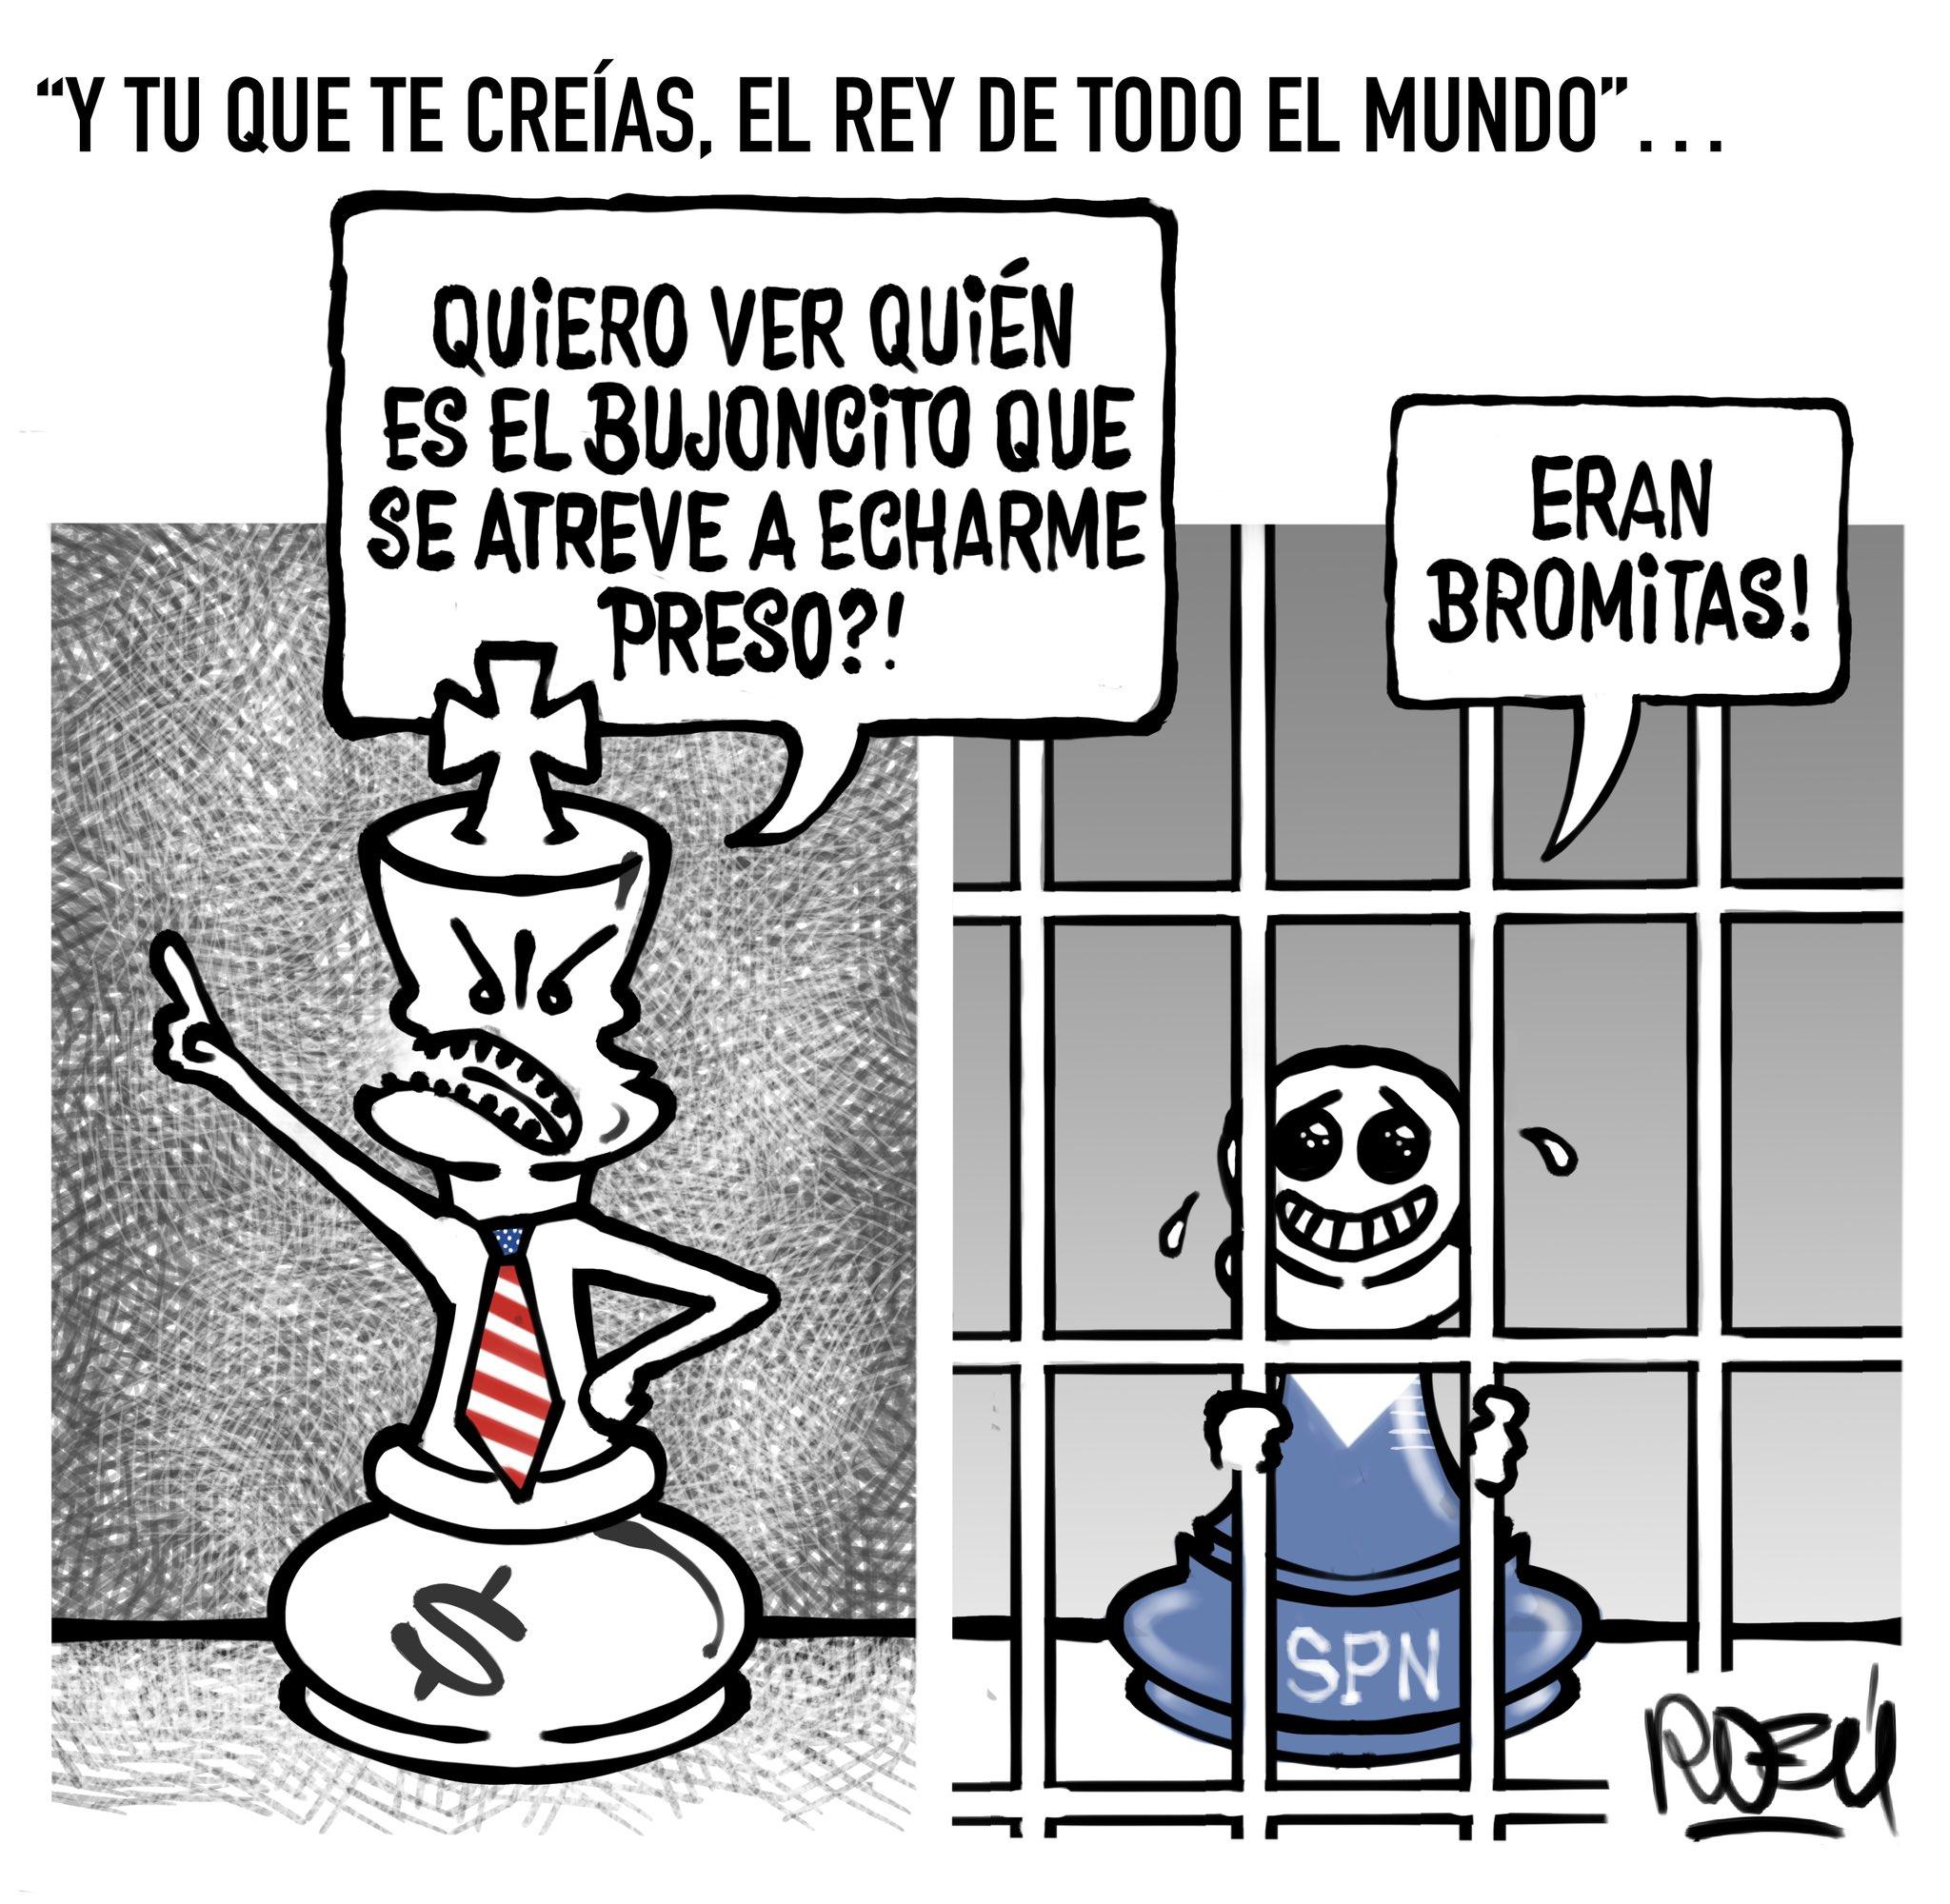 Nicaragua, los Chamorros y los dineros de la USAID Por Ramón Antonio Veras, desde Santiago de los Caballeros, República Dominicana